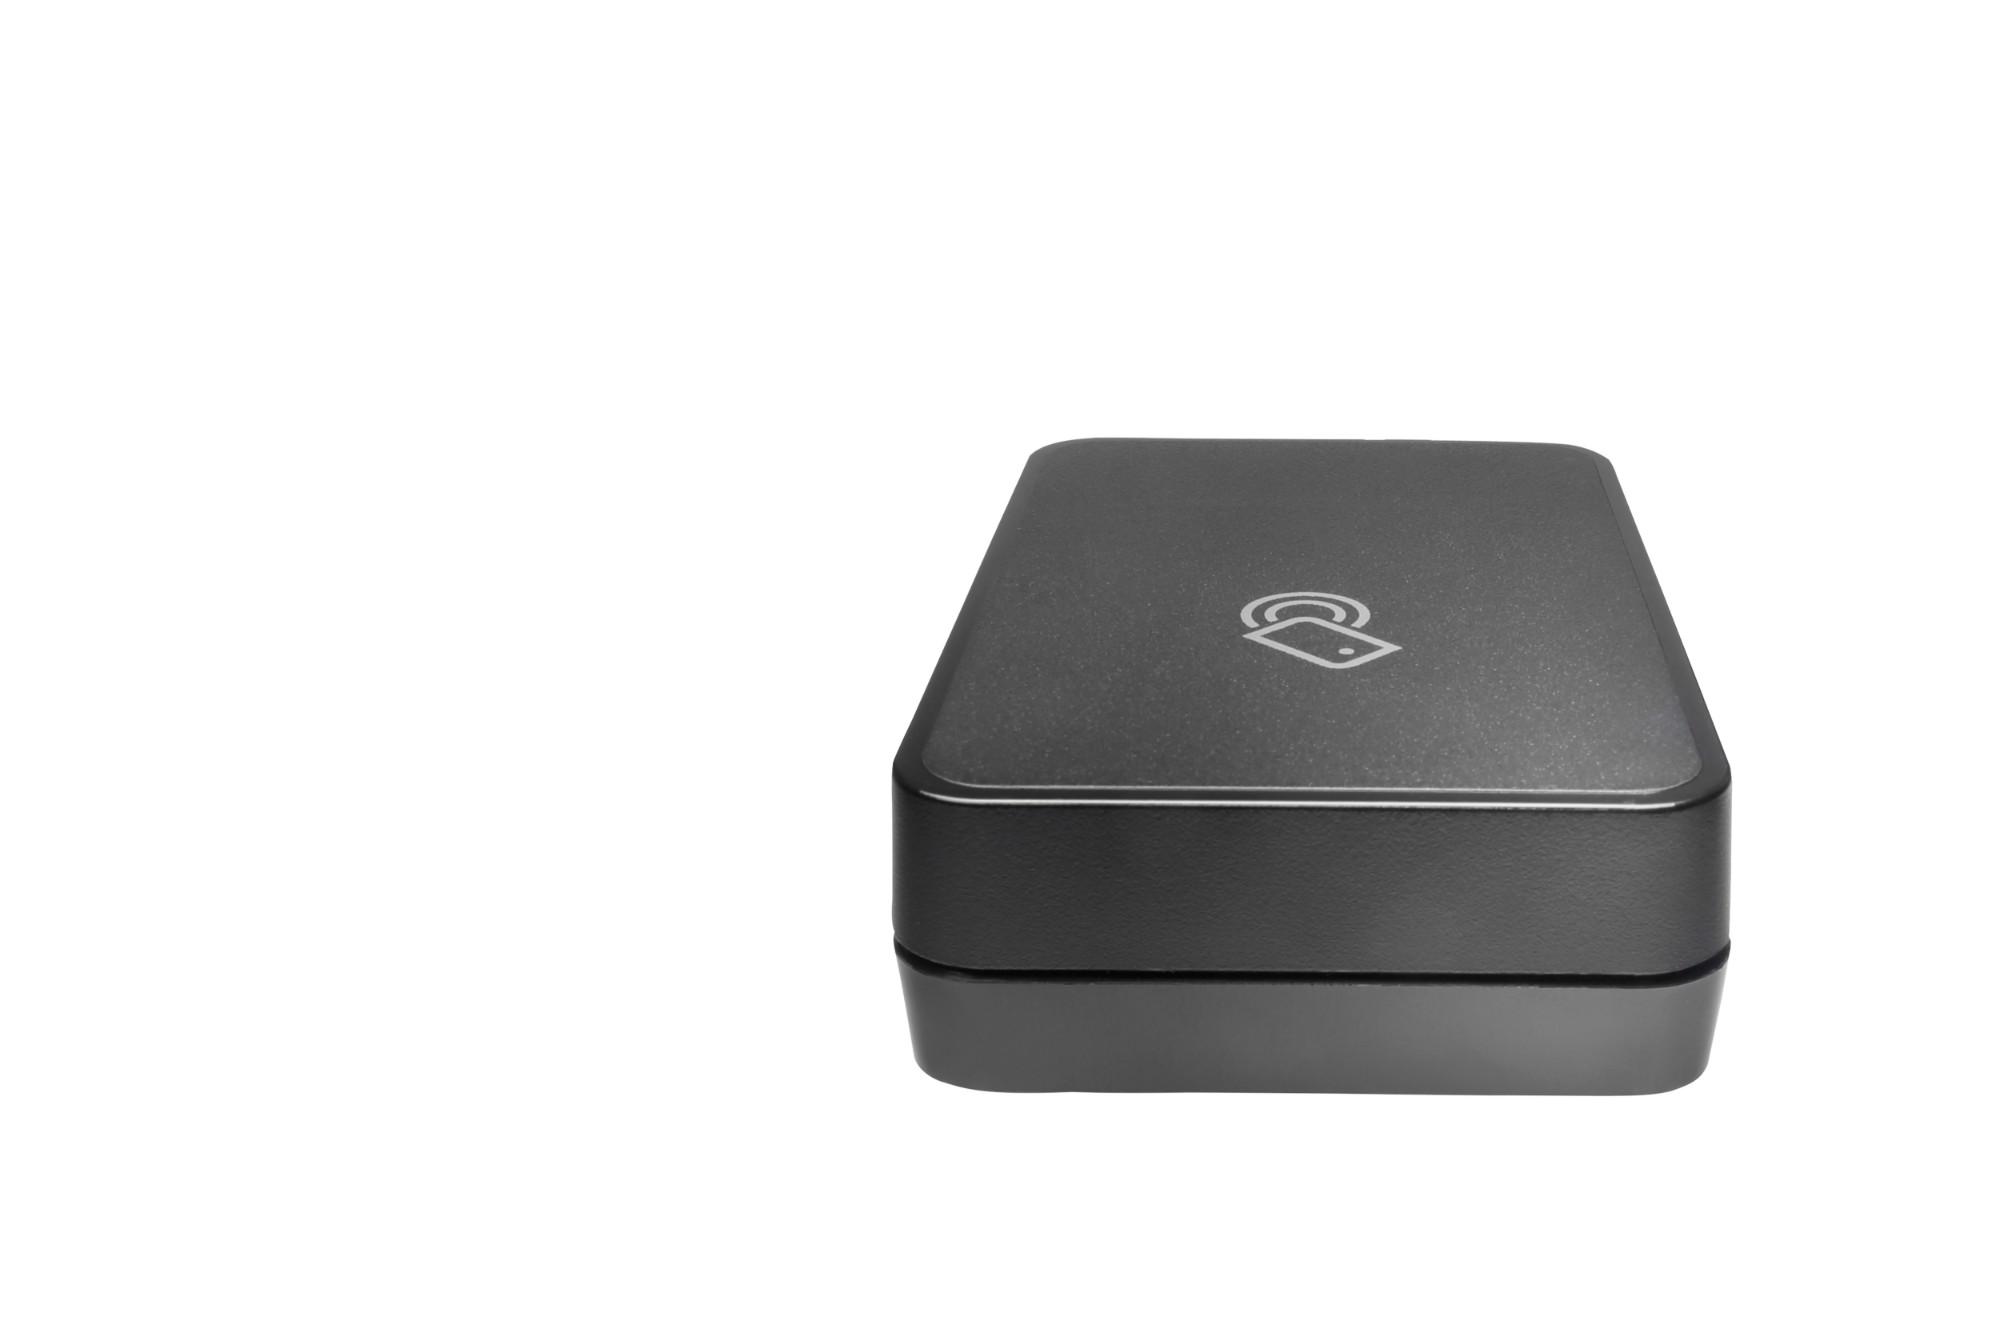 Jetdirect 3100w BLE/NFC/Wireless Accessory